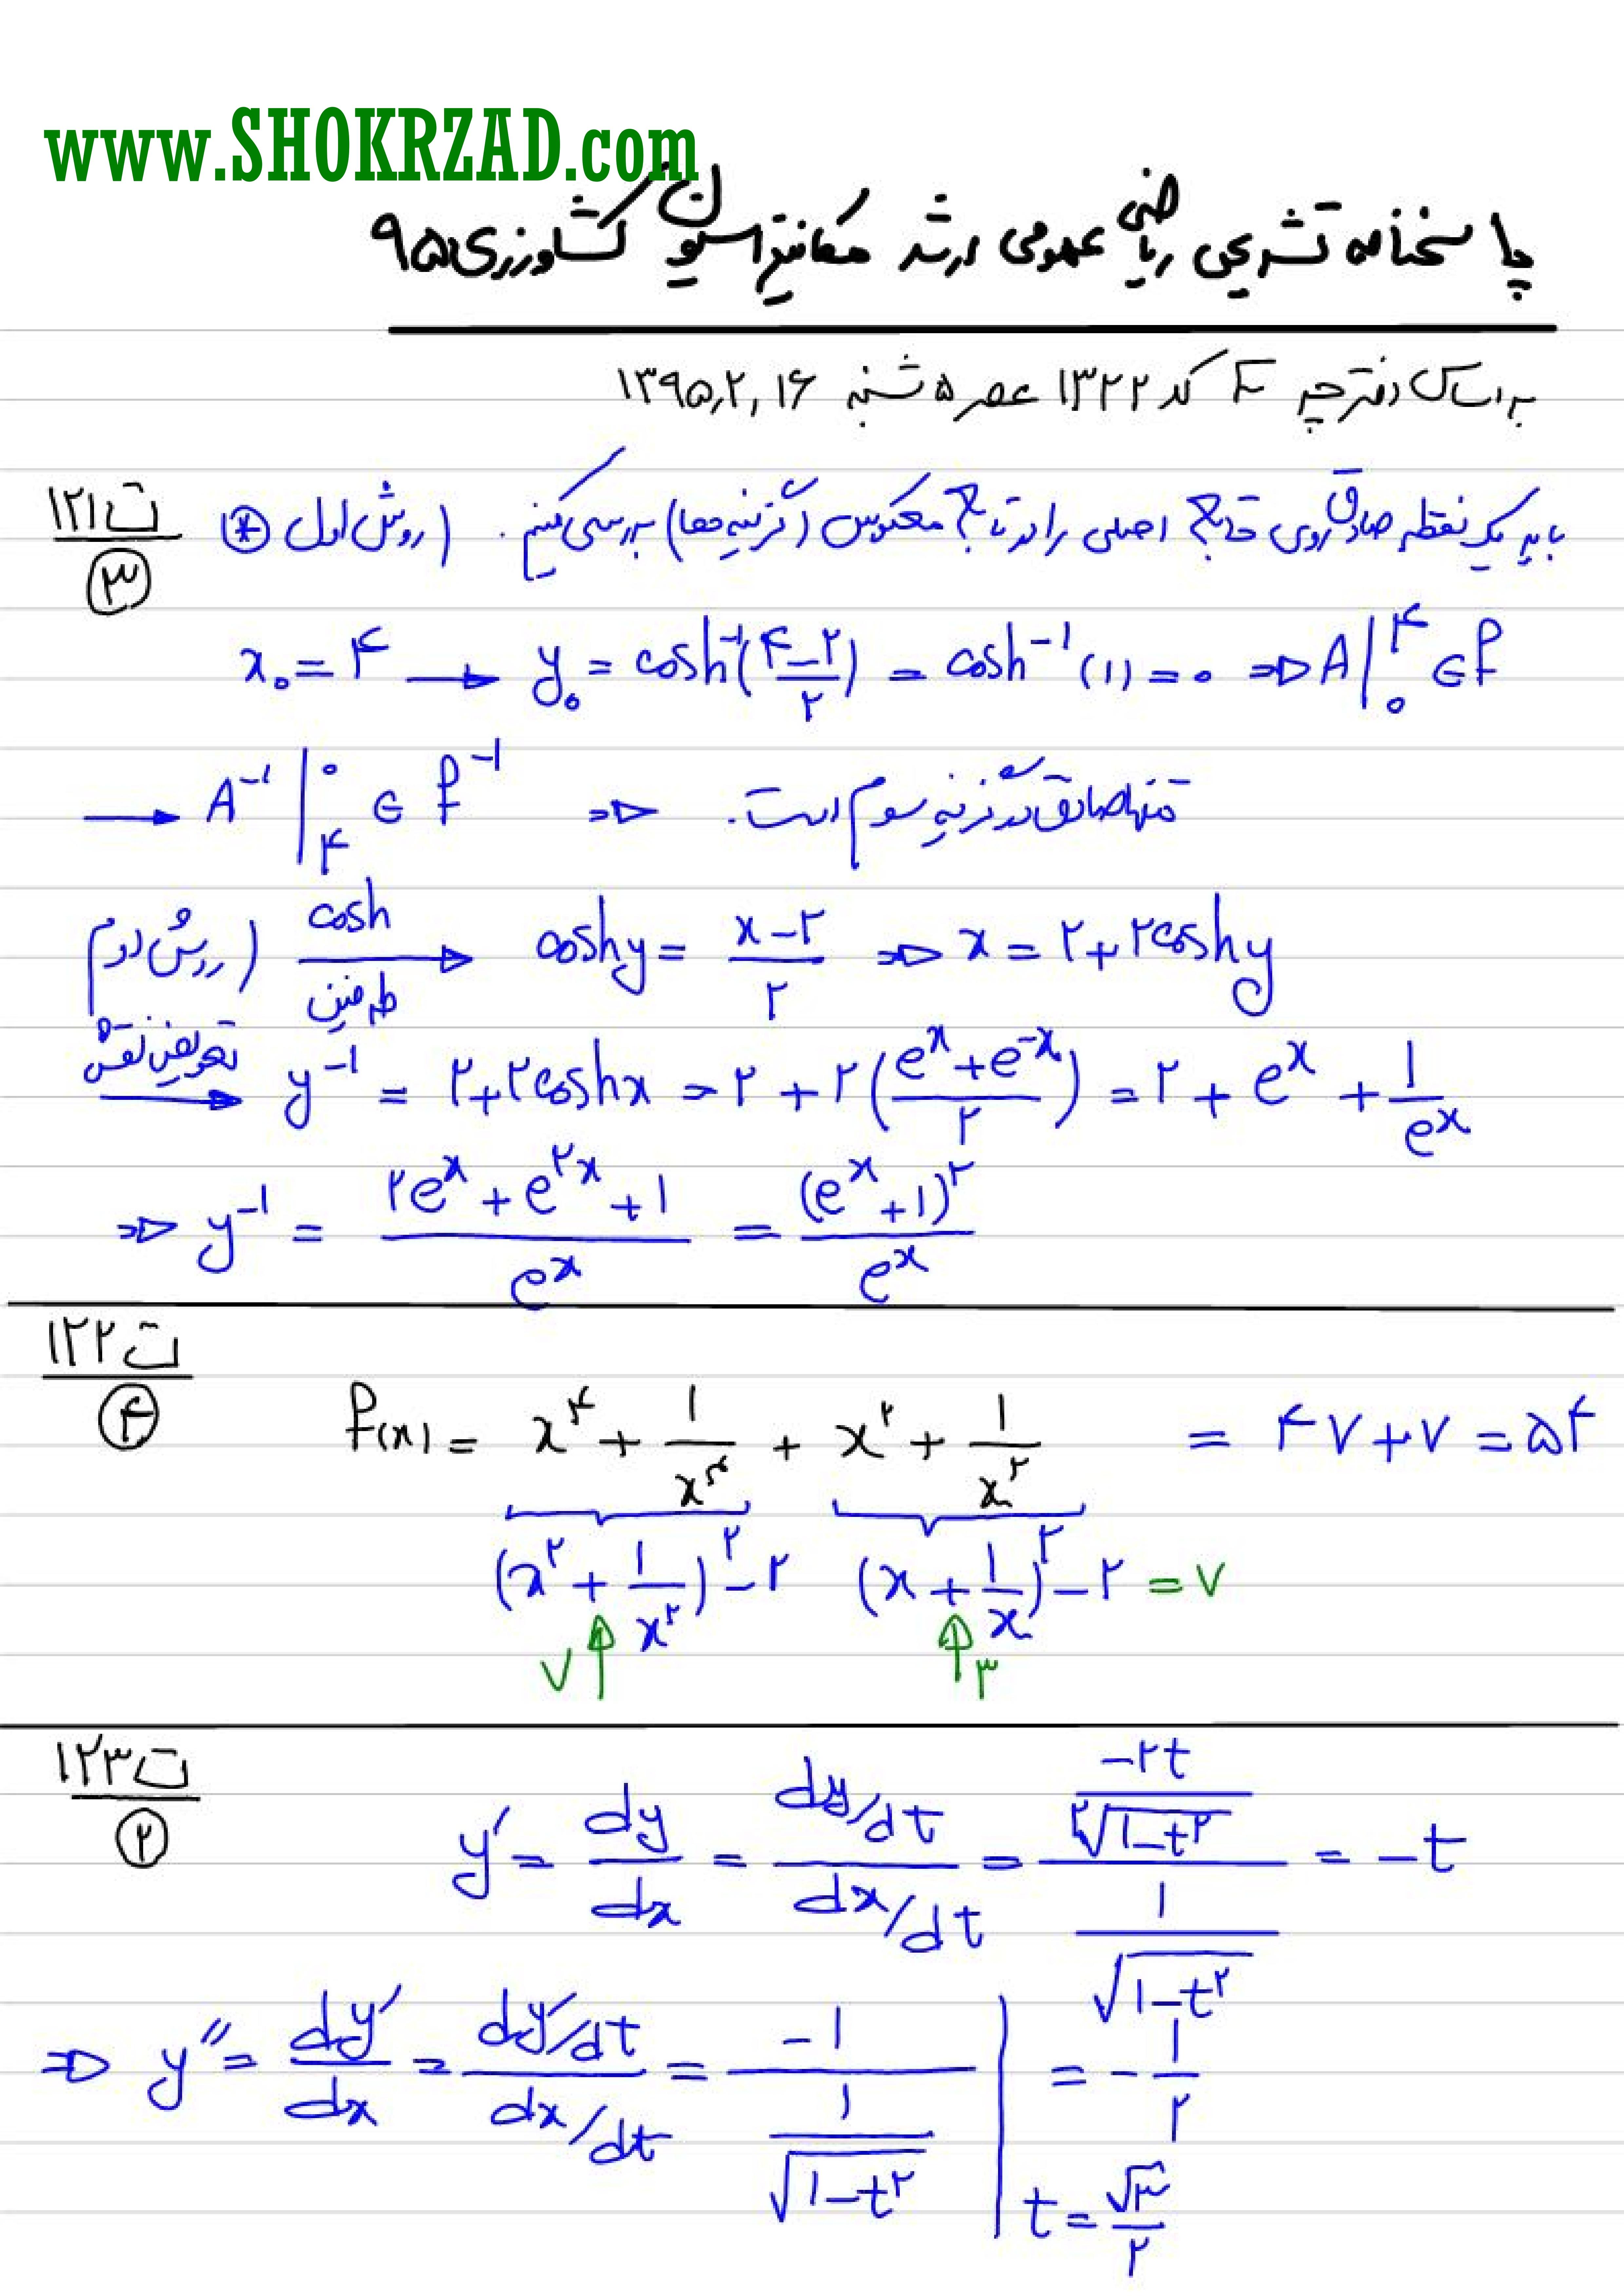 پاسخنامه تشریحی ریاضی عمومی کنکور ارشد رشته مهندسی مکانیزاسیون کشاورزی 95